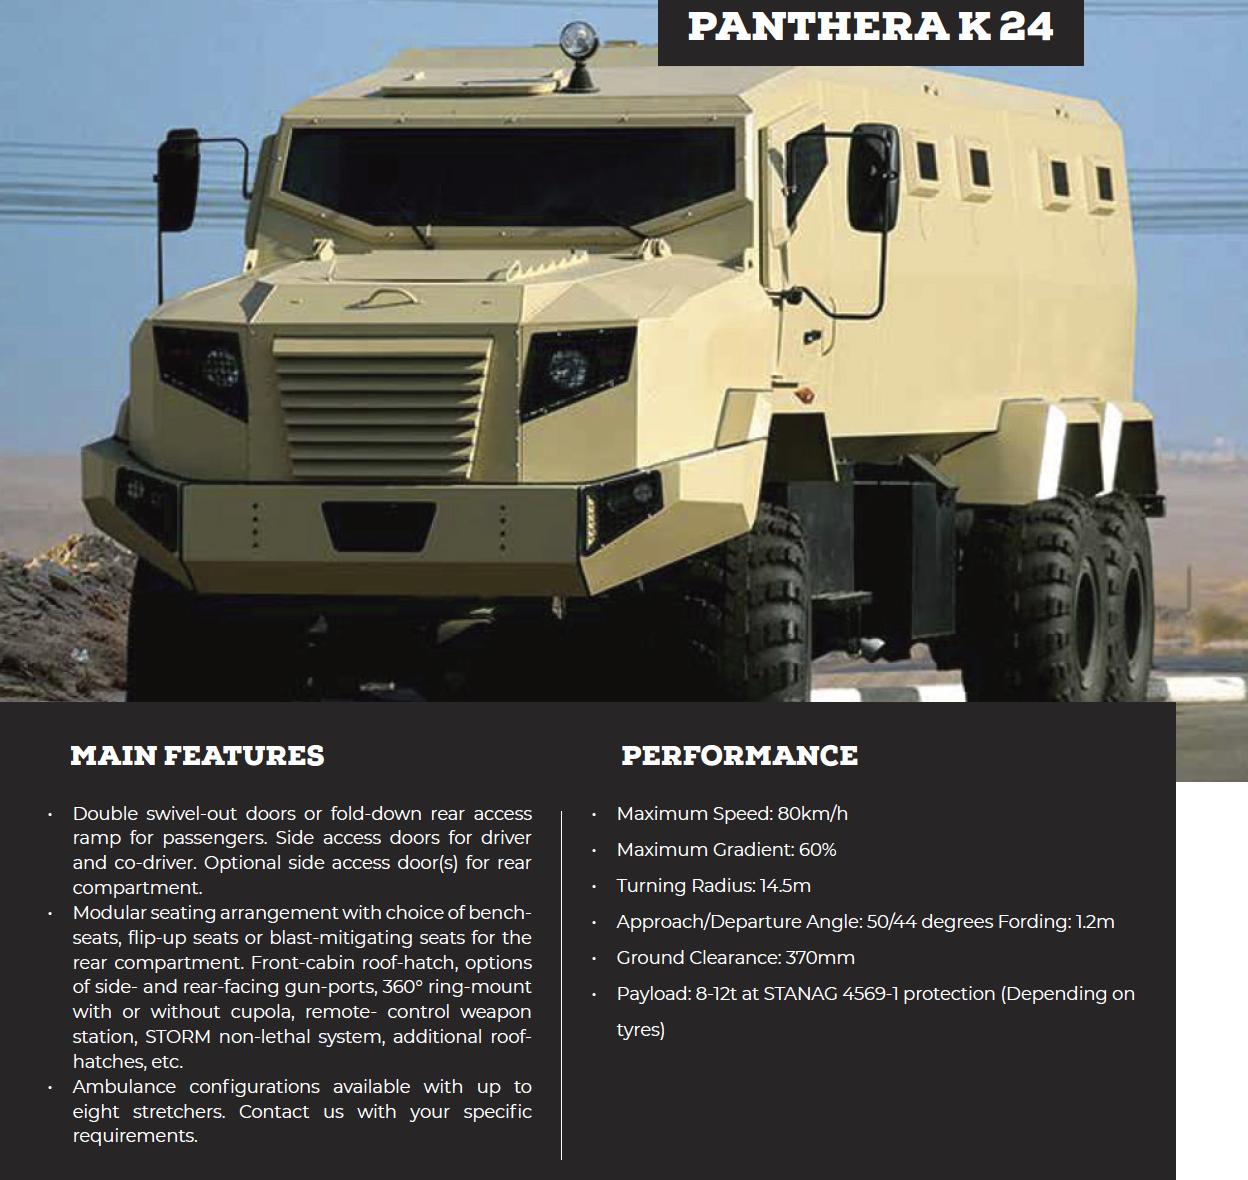 Panthera K 24